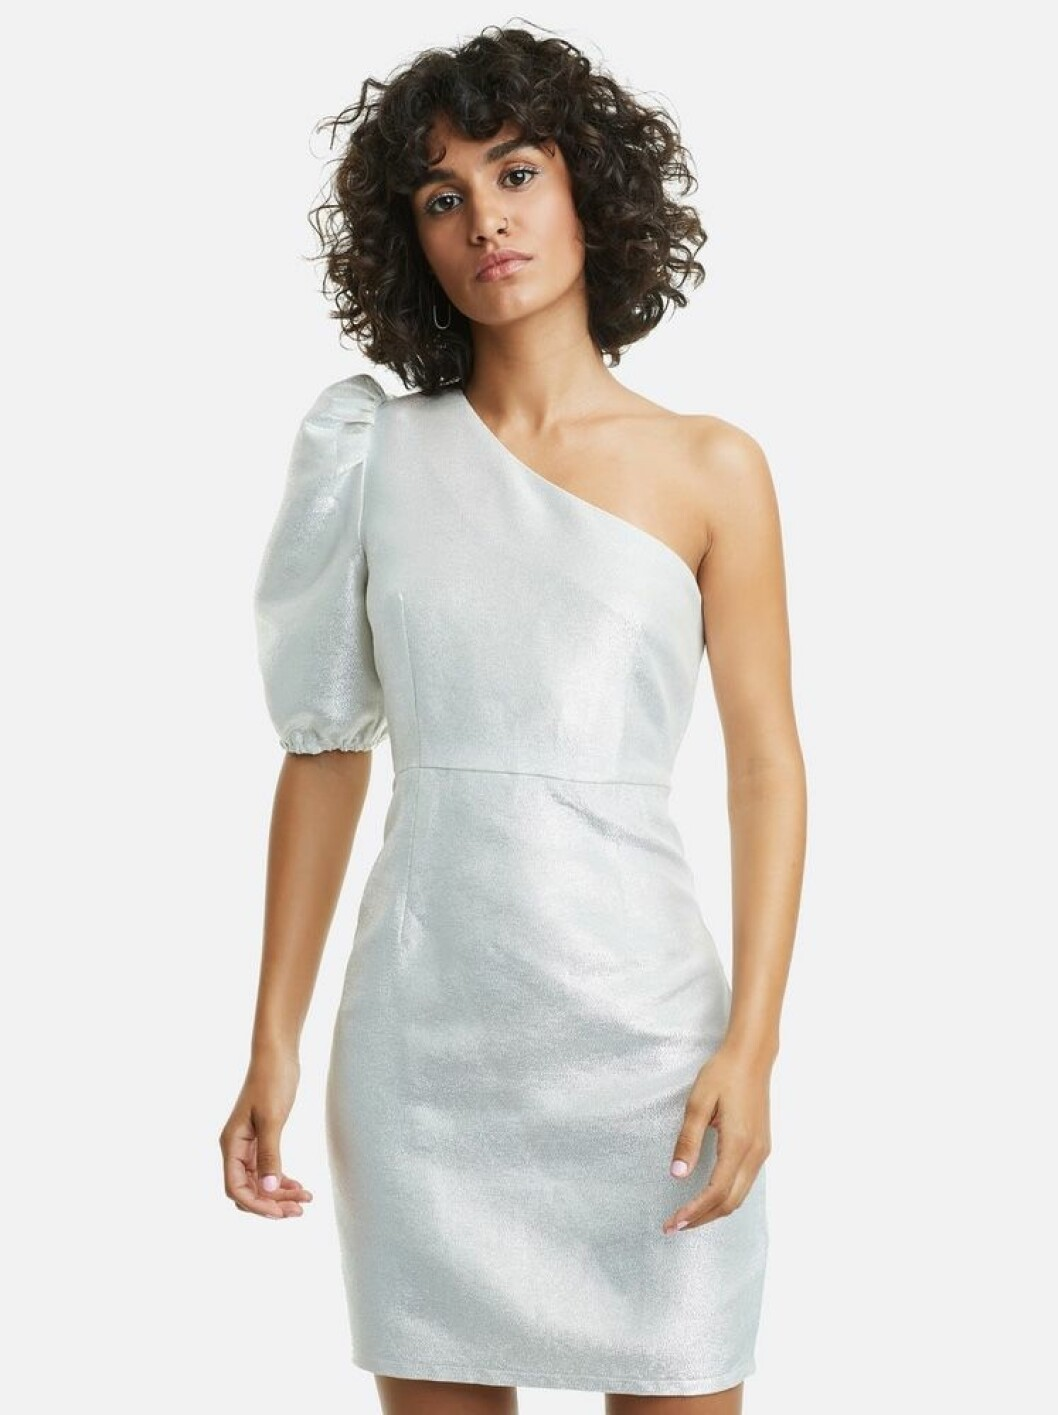 Silvrig klänning i one shoulder-modell